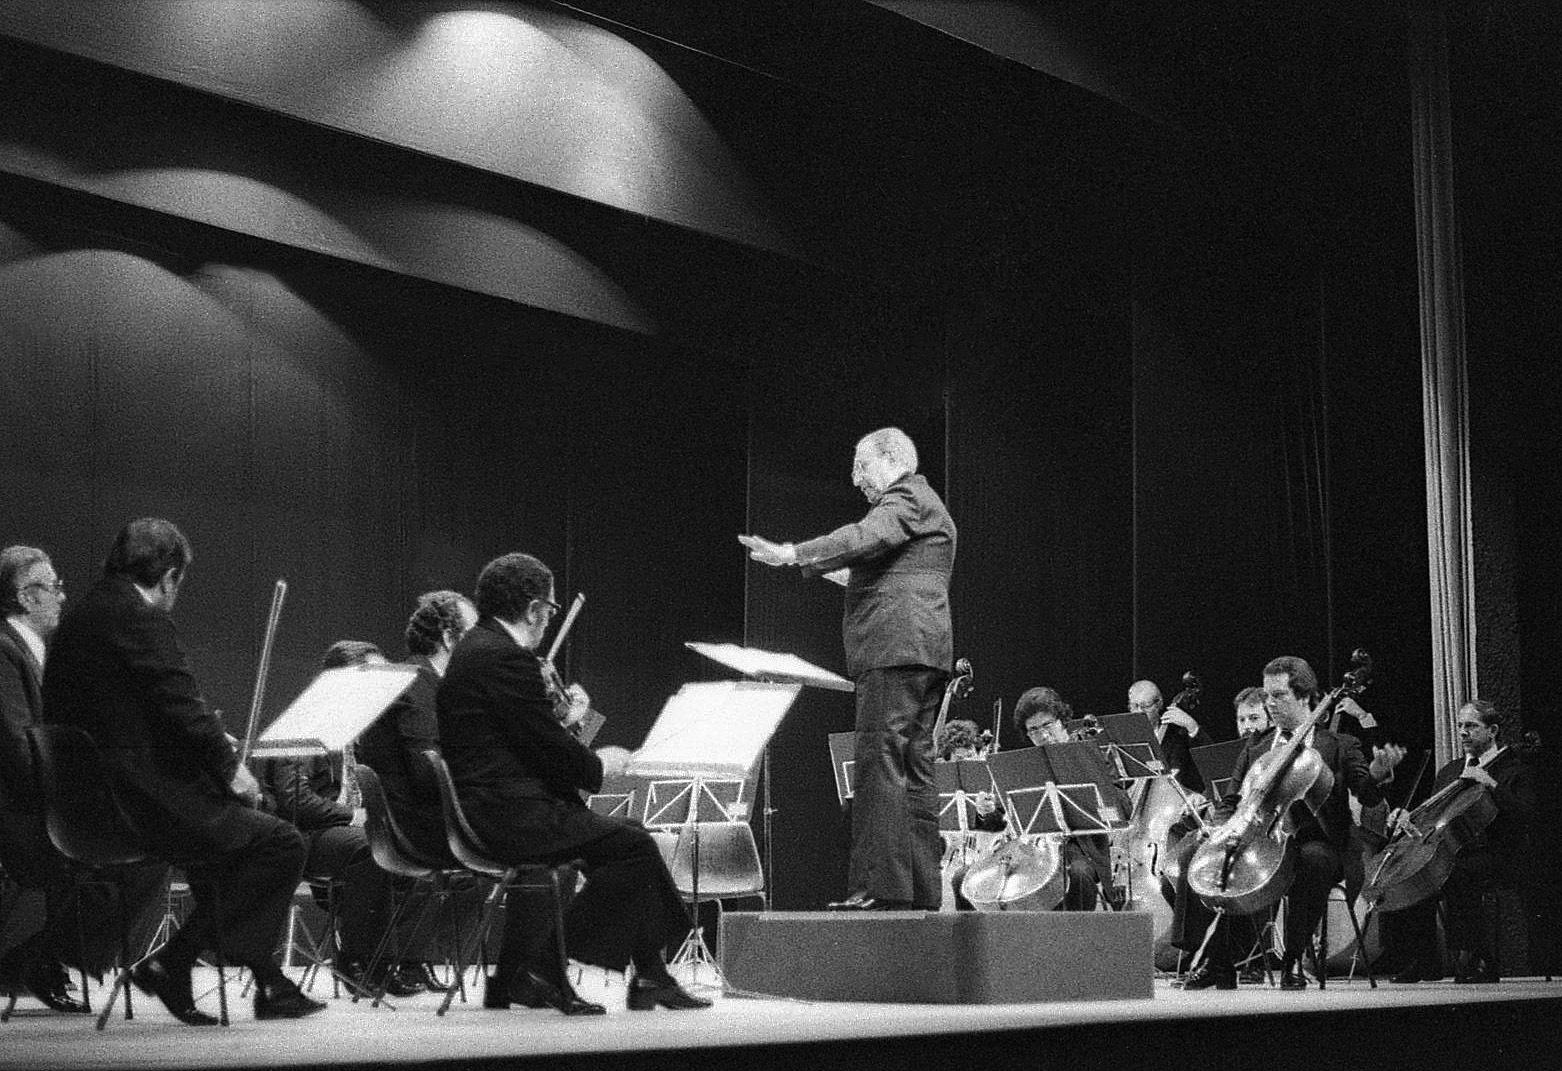 Historical B&W photo! C. Guarnieri Conductor in 70s by Chico Vecchia